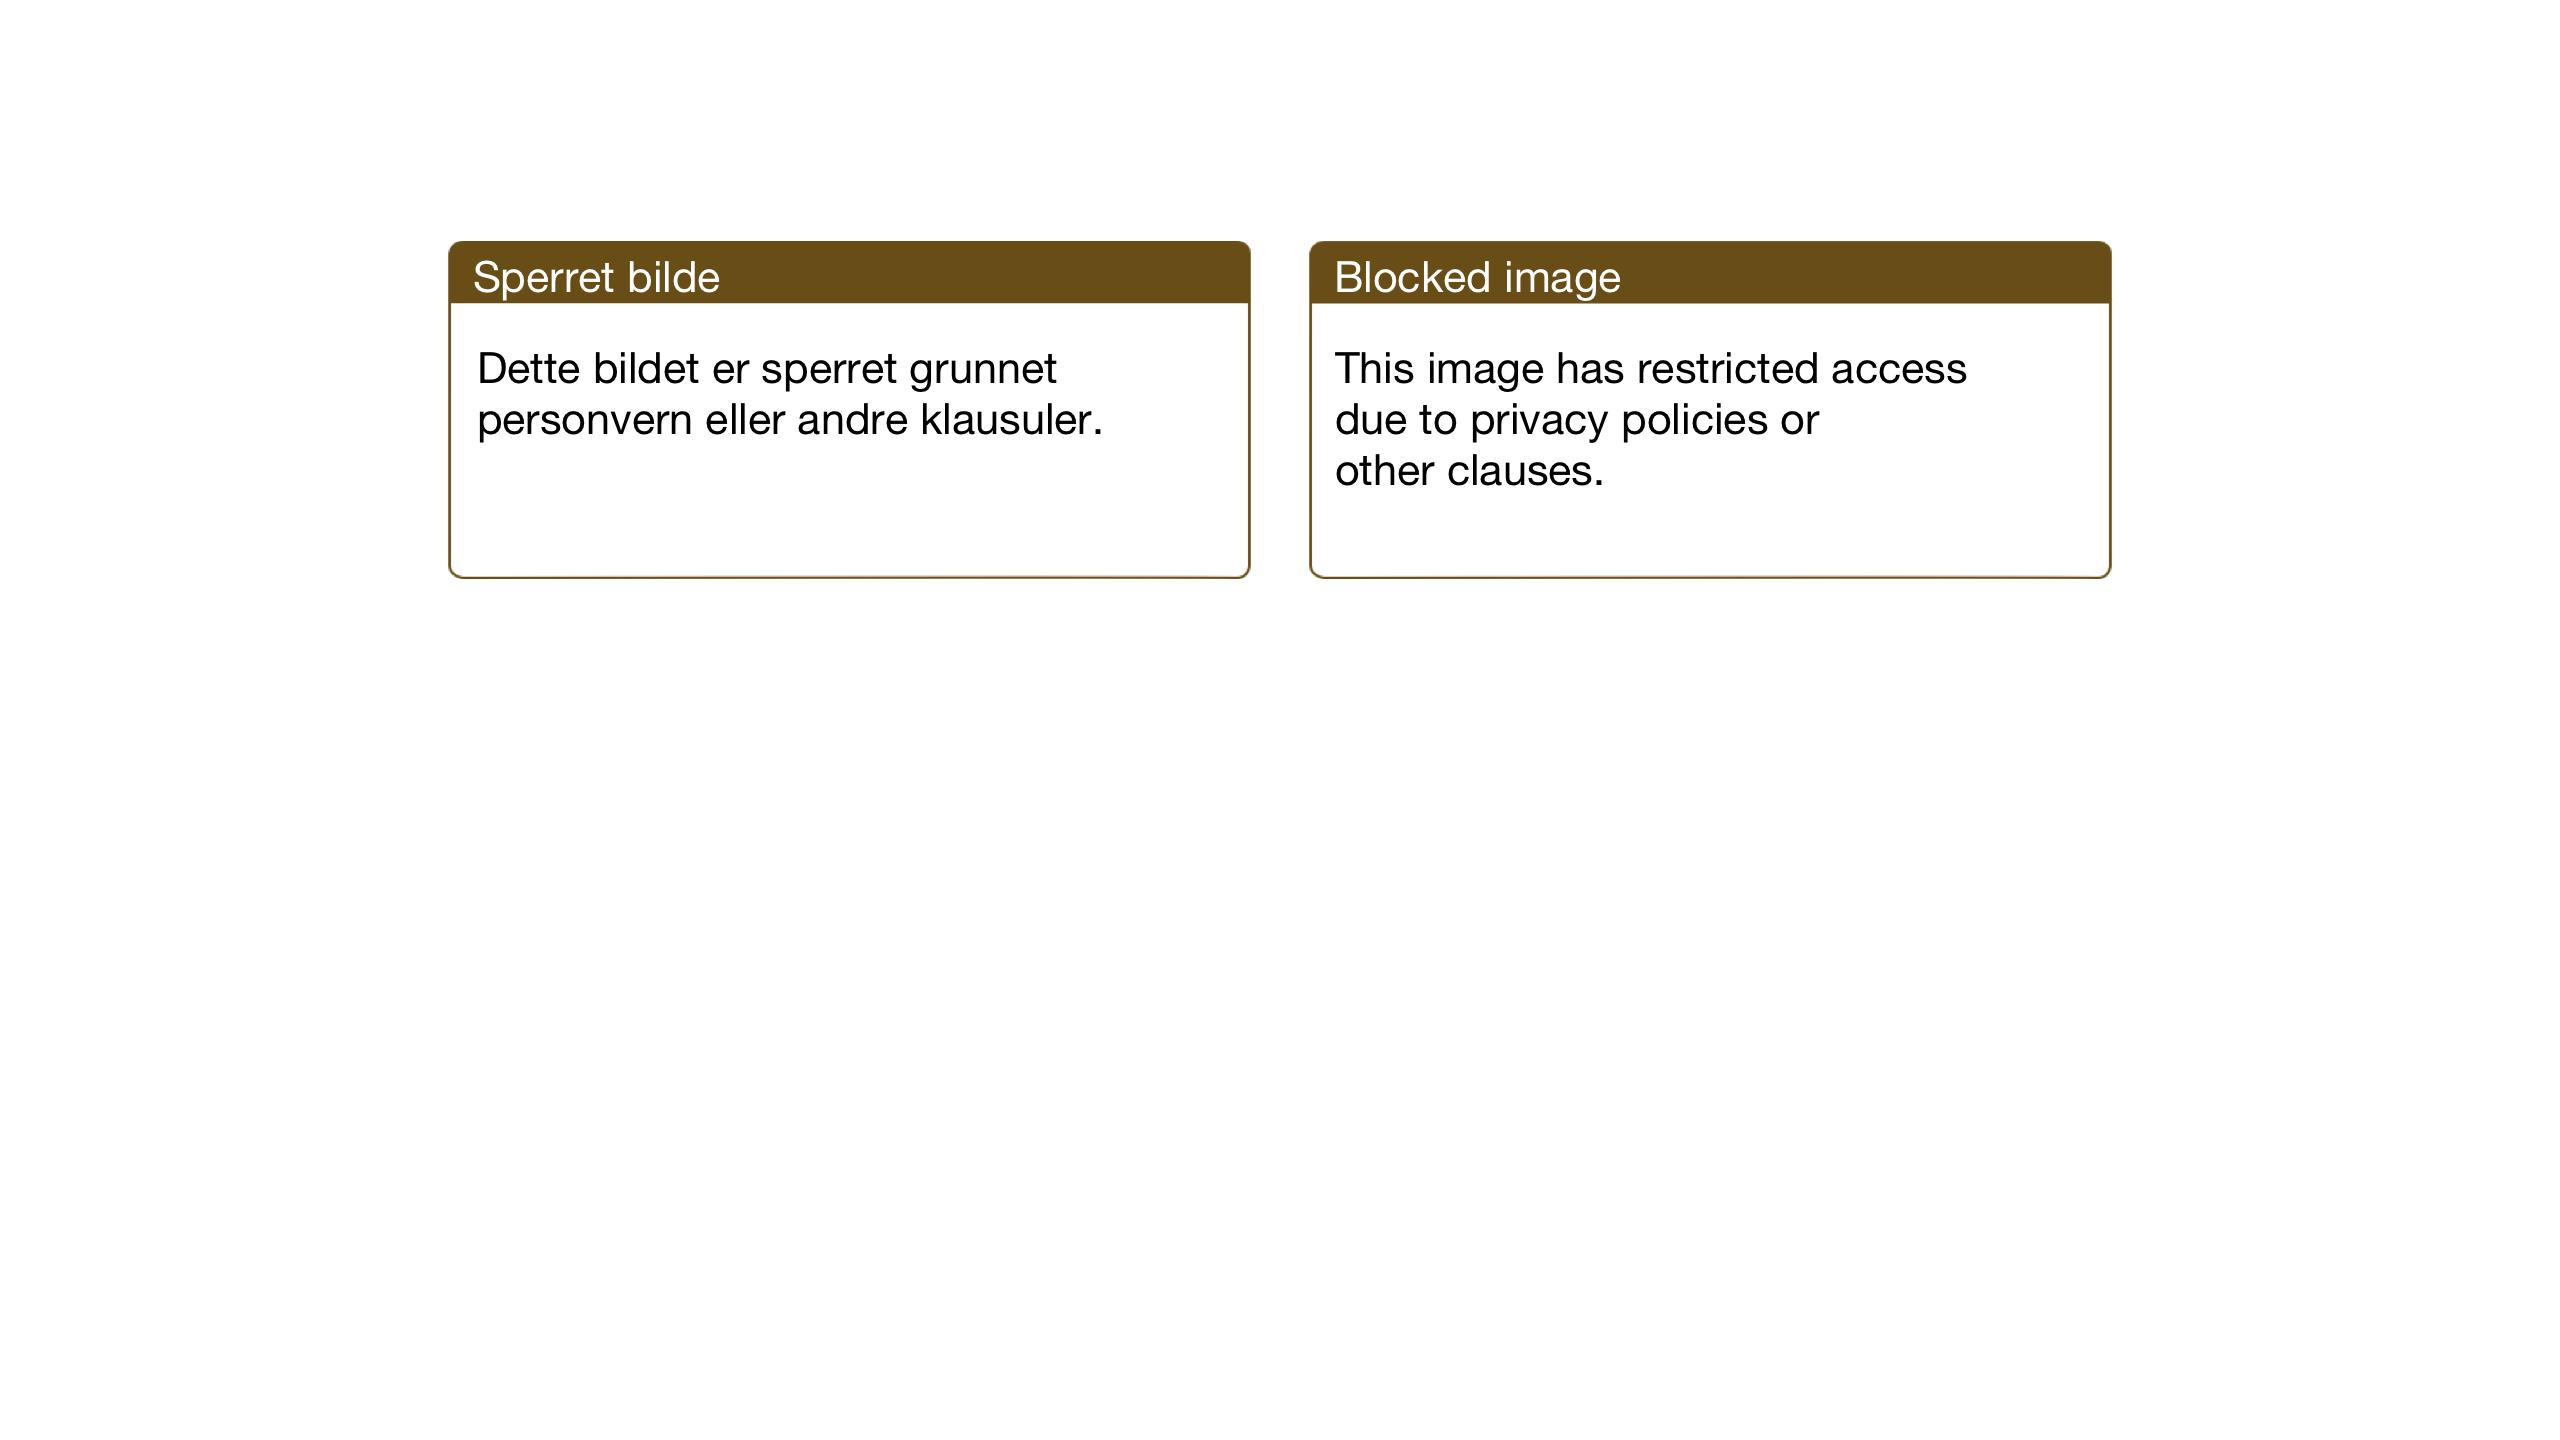 SAT, Ministerialprotokoller, klokkerbøker og fødselsregistre - Sør-Trøndelag, 607/L0328: Klokkerbok nr. 607C02, 1940-1948, s. 88